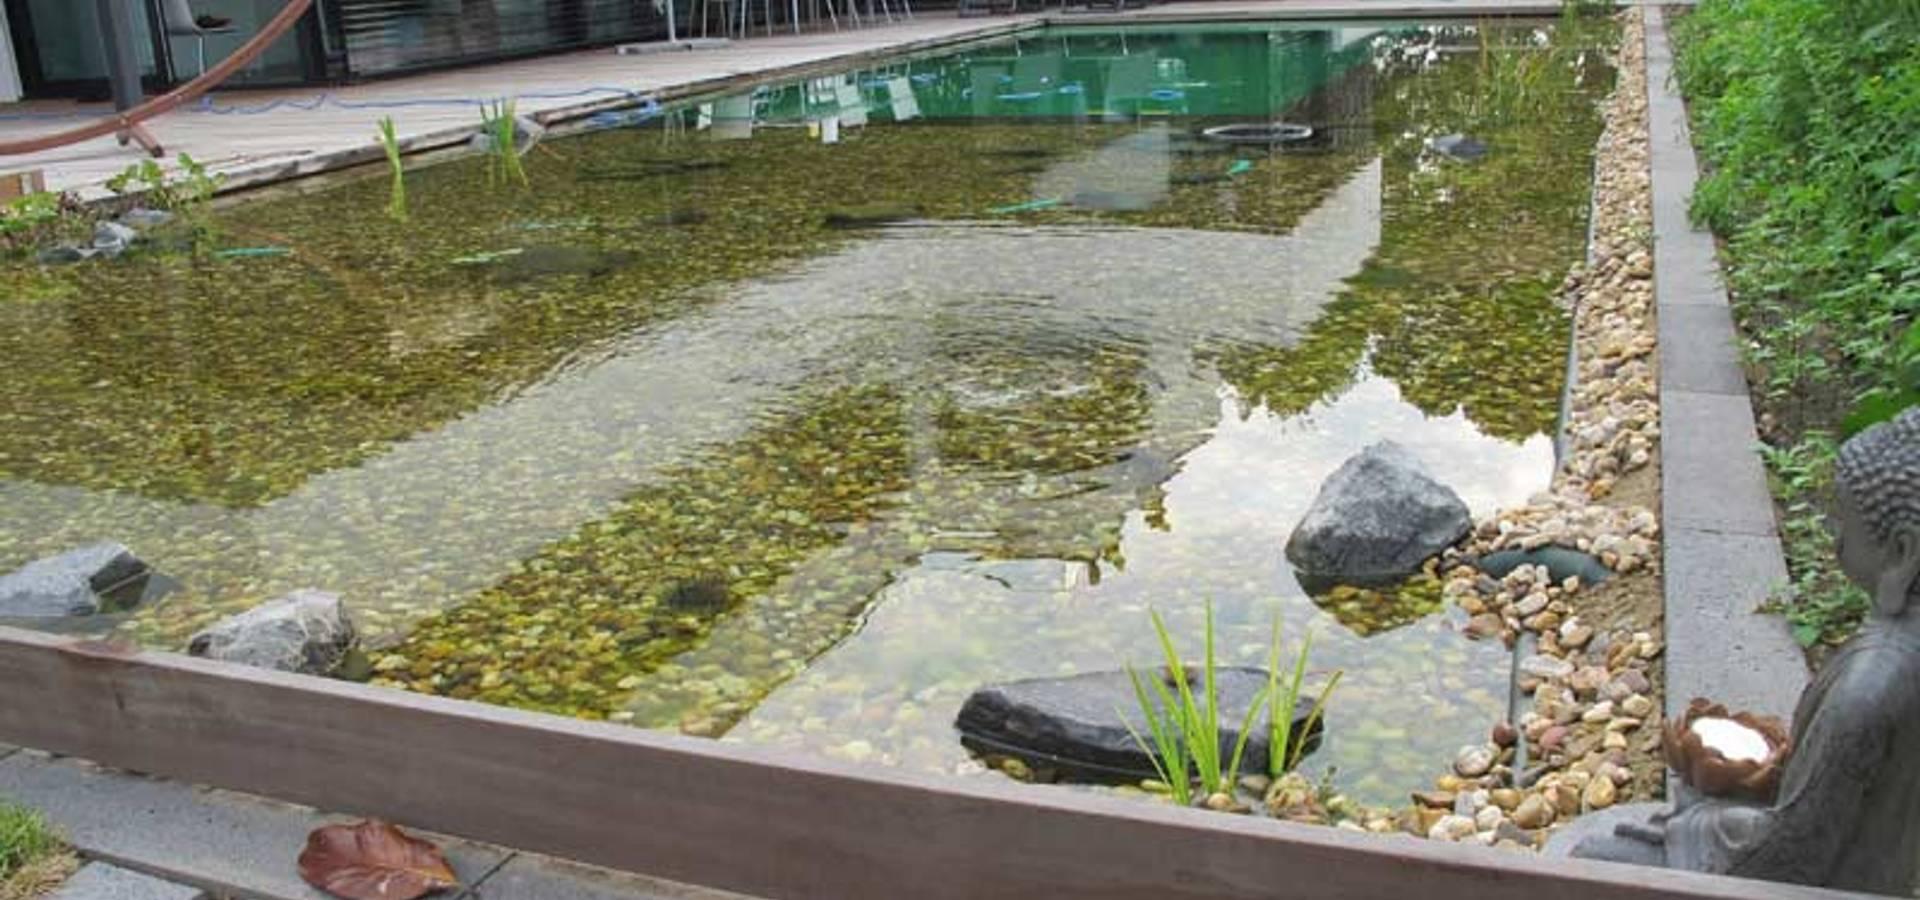 Außergewöhnlich Homify Garten Foto Von Nagelschmitz Garten- Und Landschaftsgestaltung Gmbh